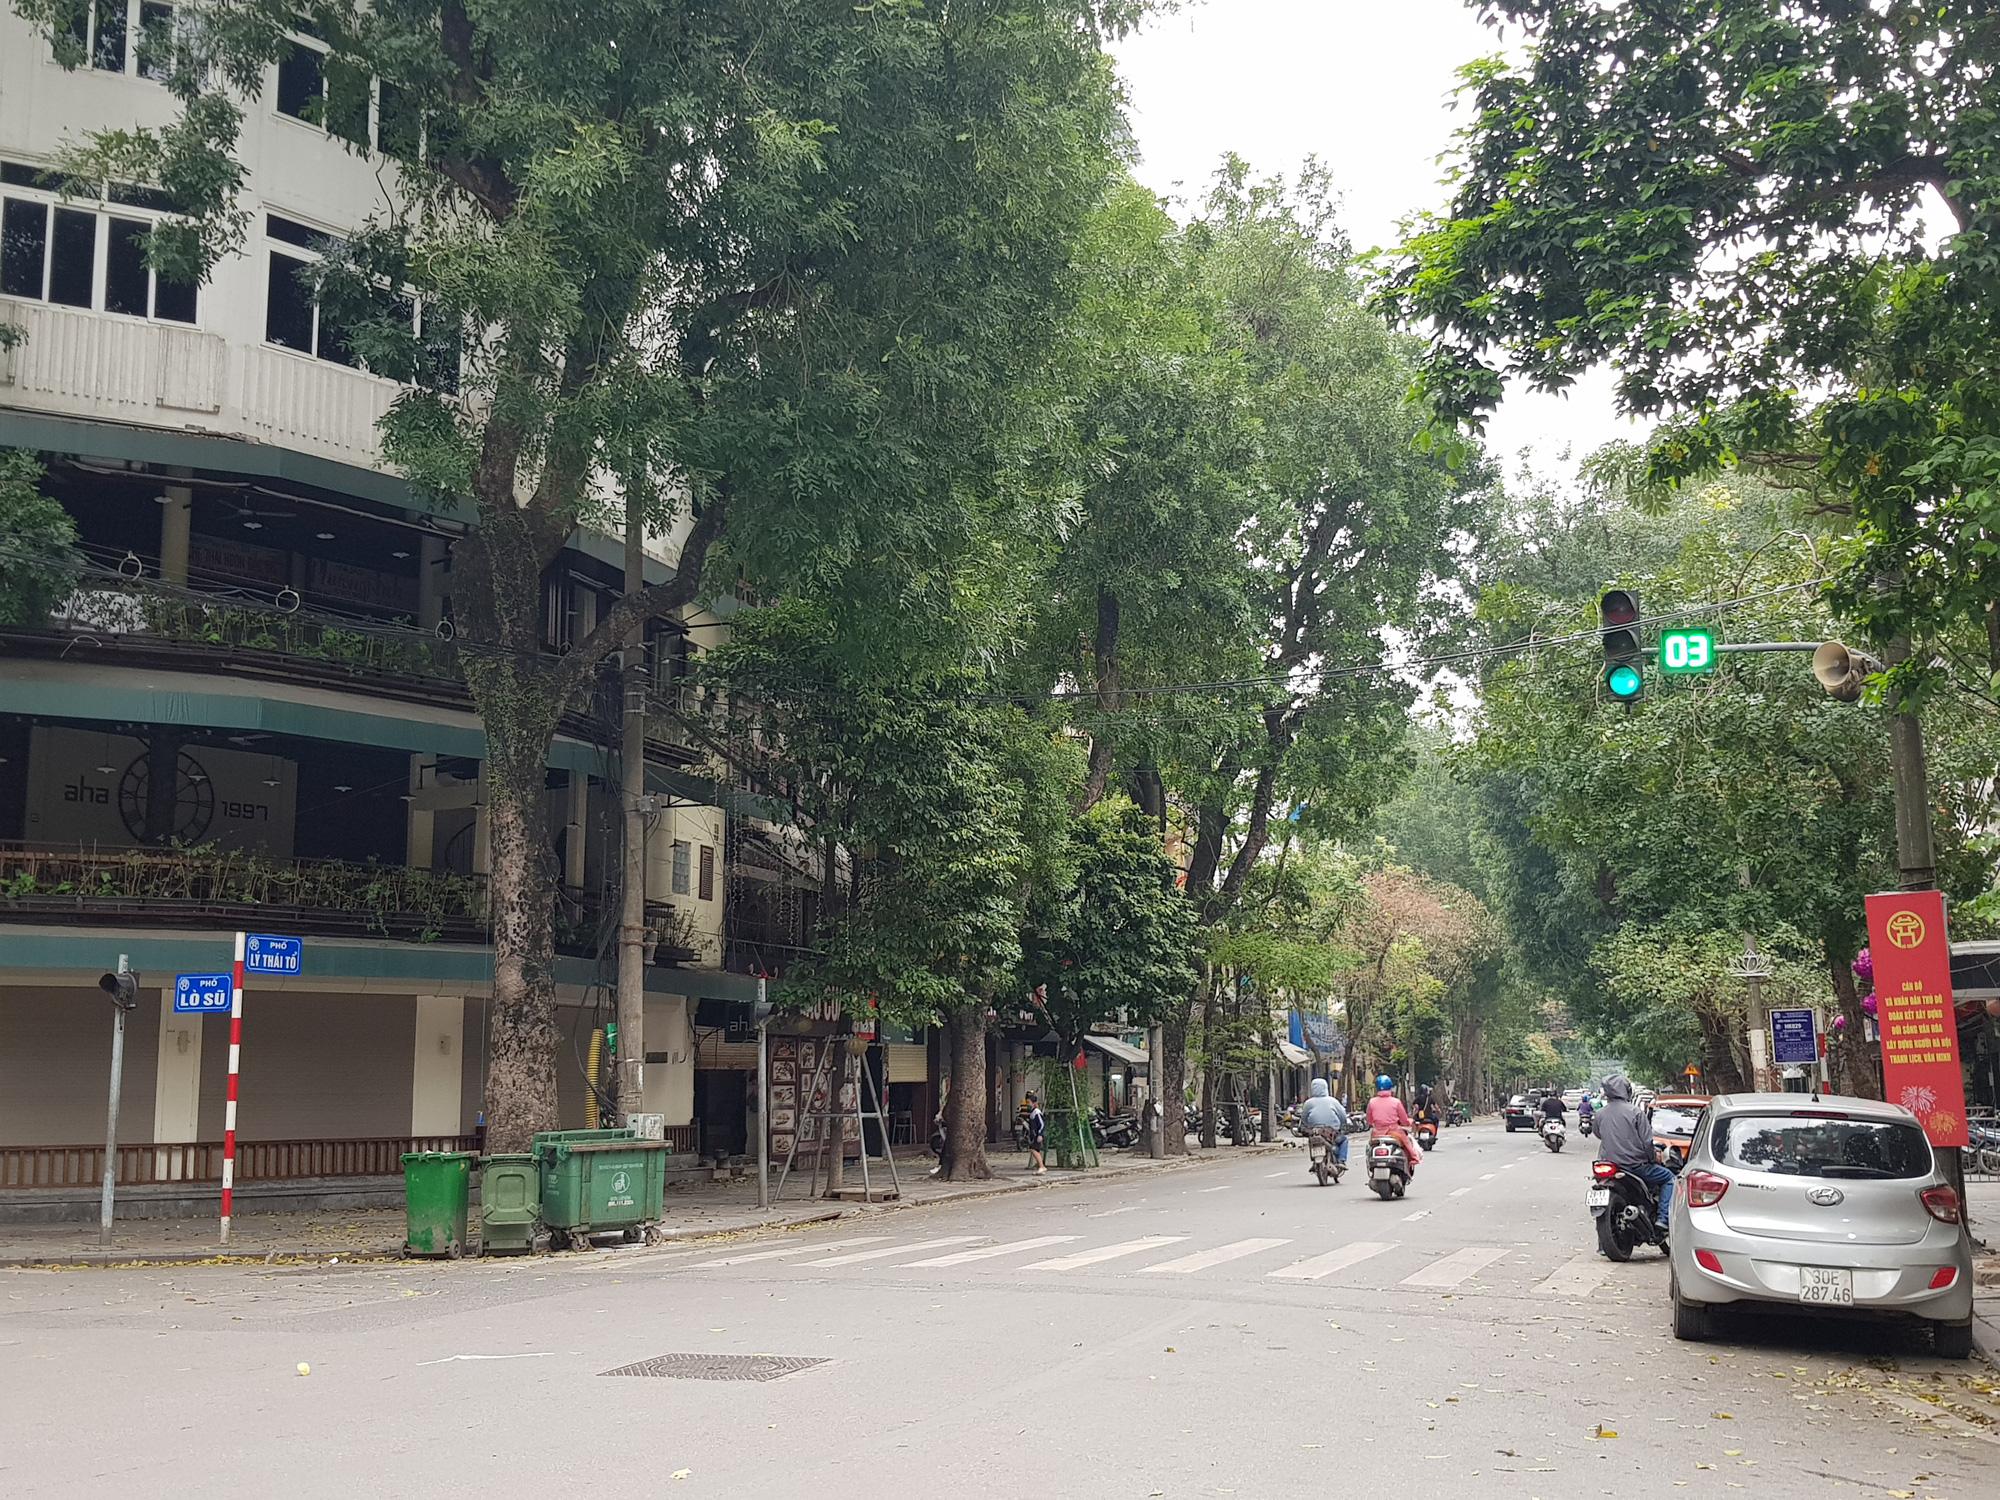 Sau lệnh tạm thời đóng cửa, nhiều đường phố Hà Nội thông thoáng như ngày Tết - Ảnh 8.